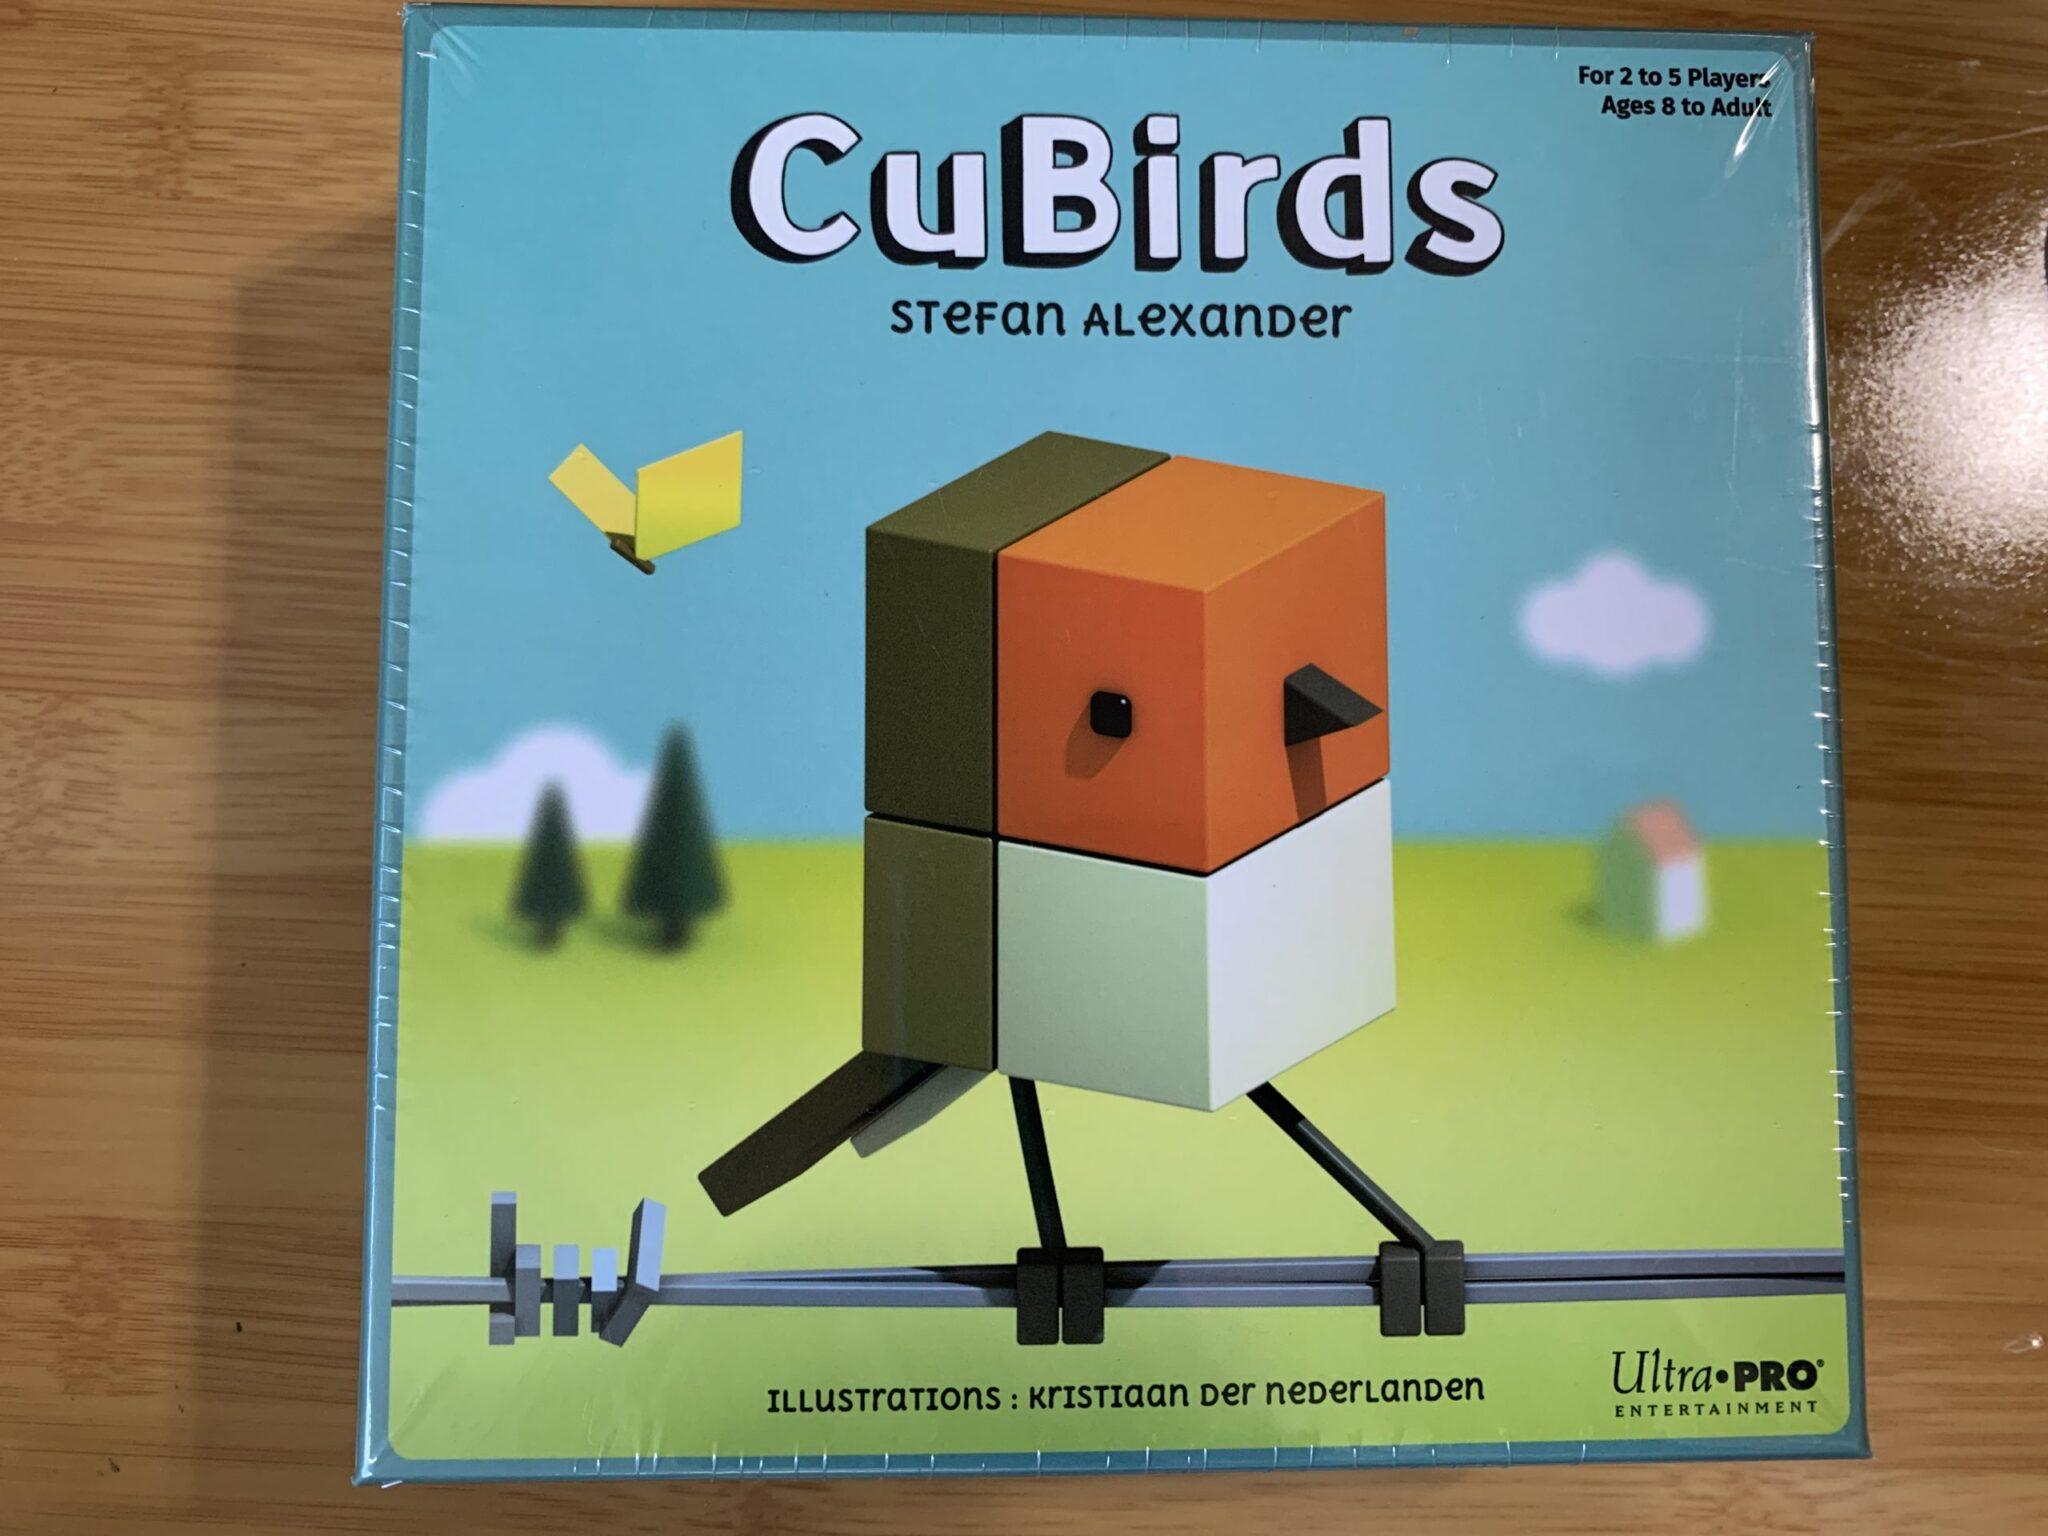 CuBirds game